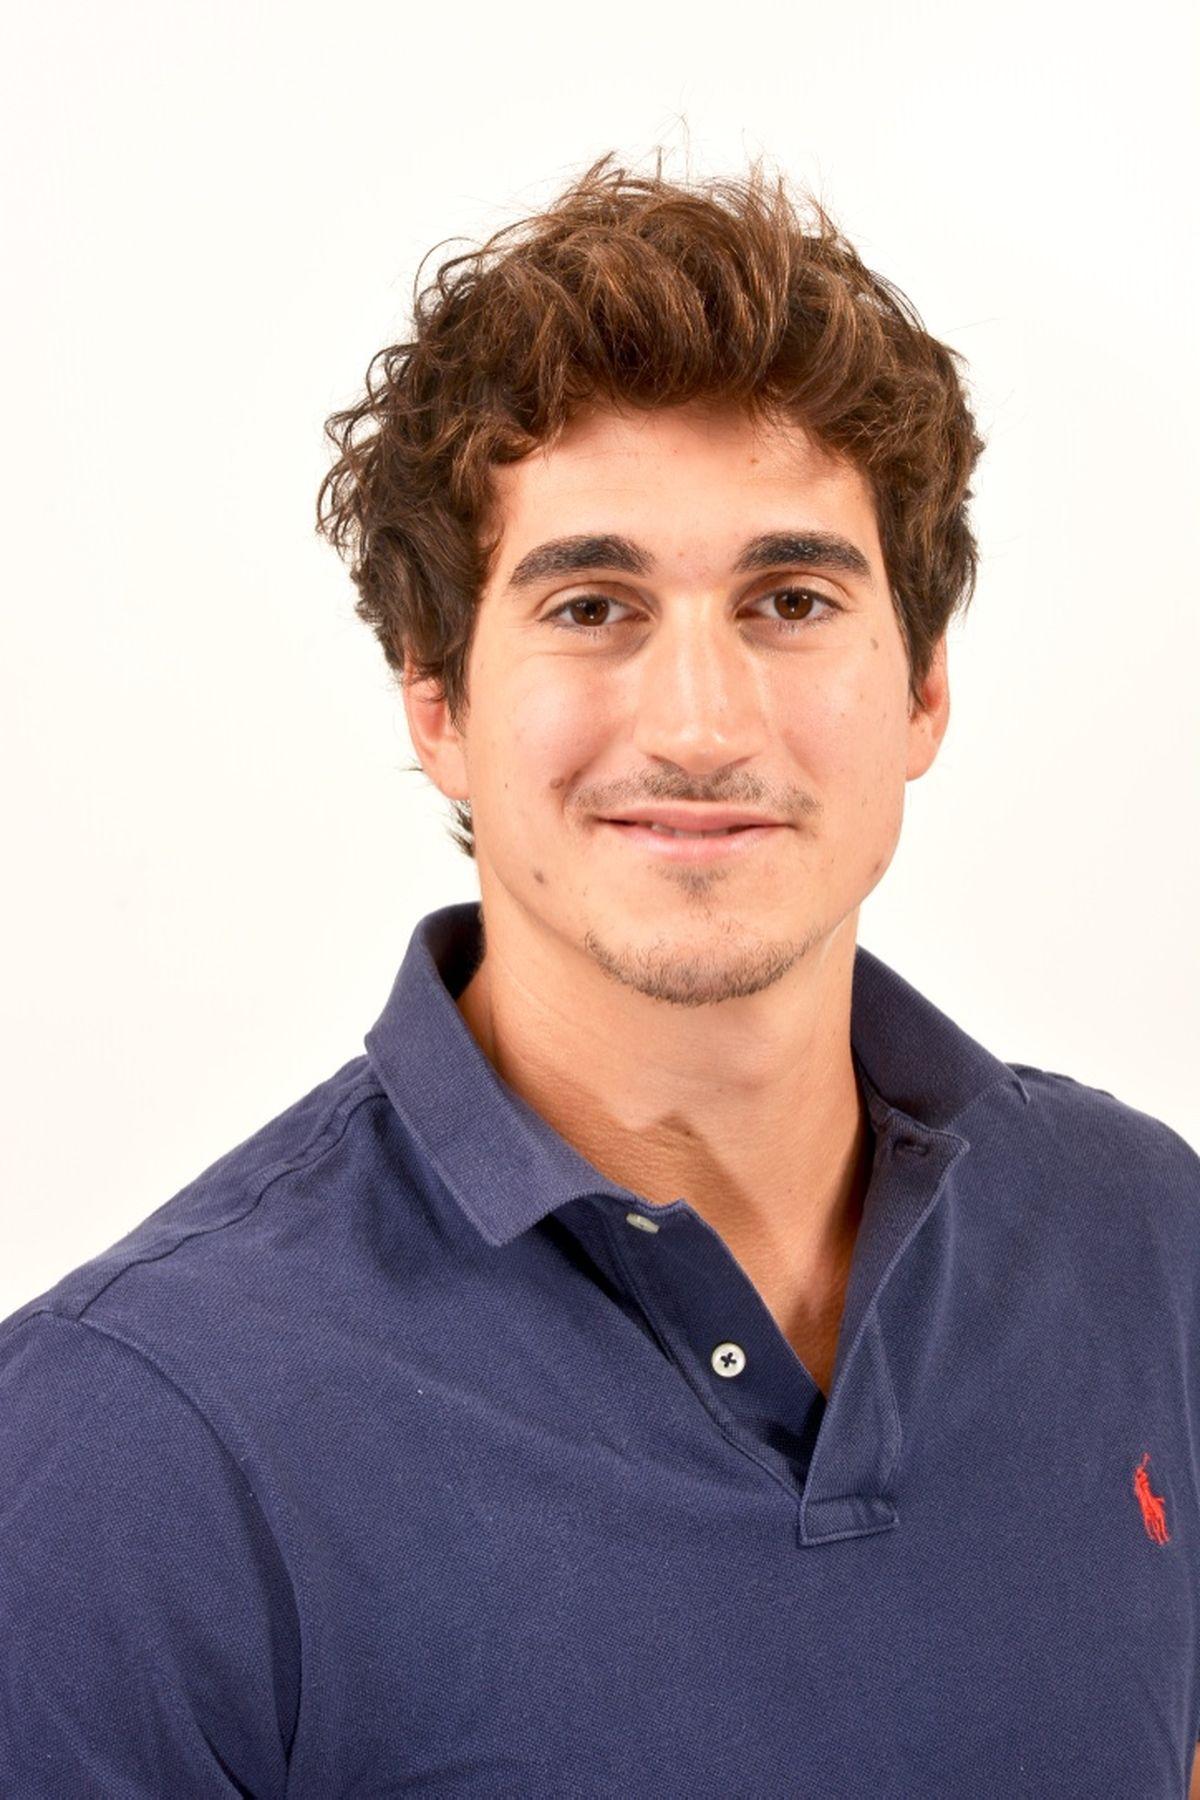 Michael Salvaggio